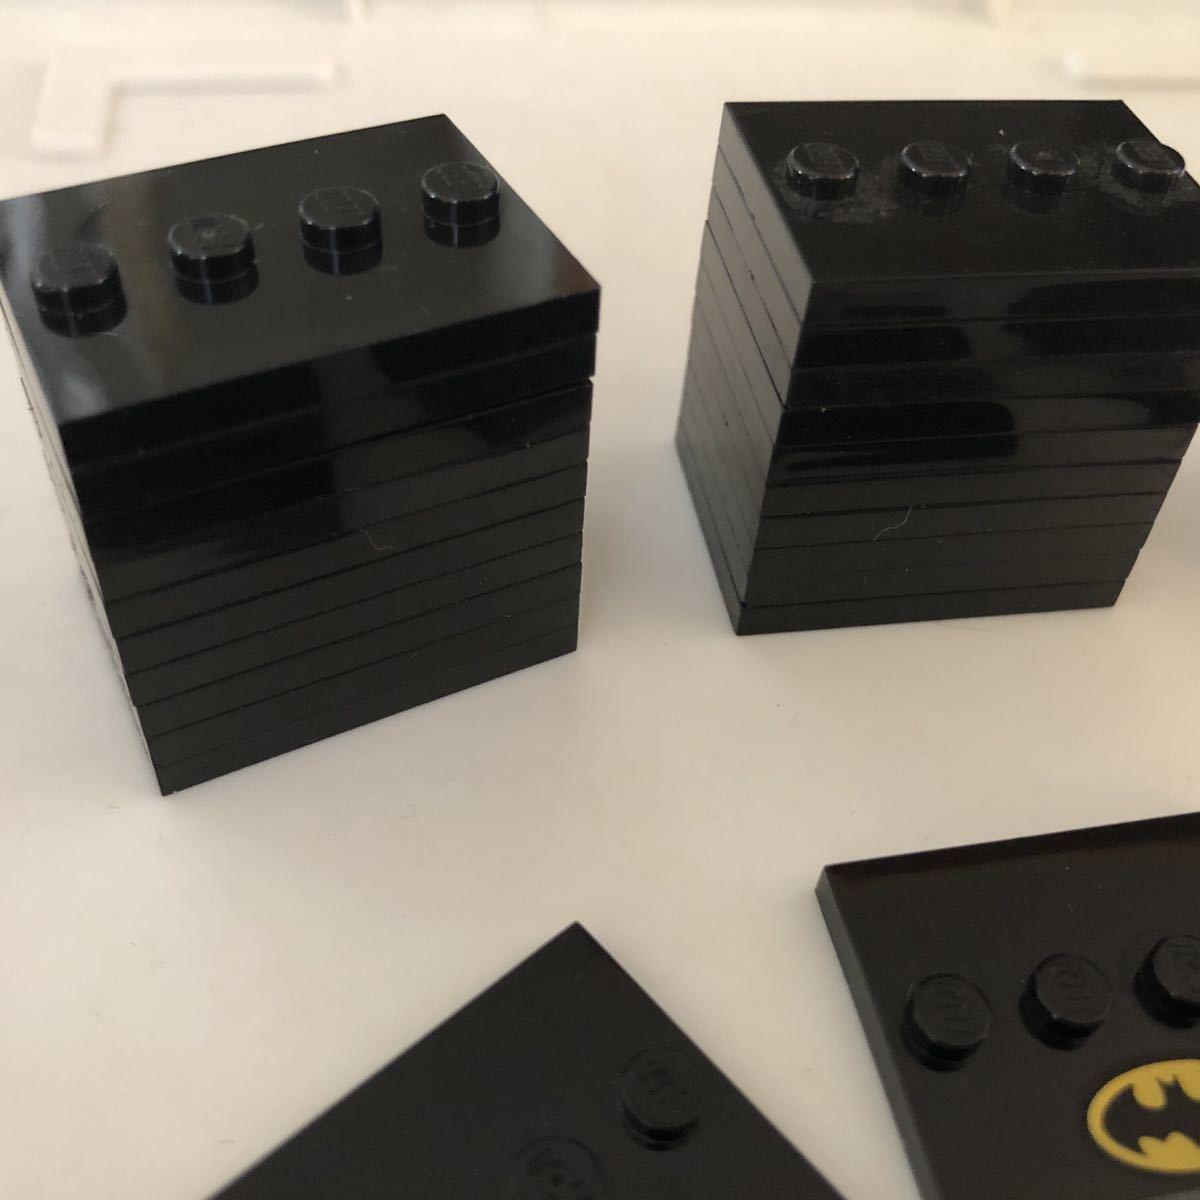 レゴ ミニフィグスタンド セット 色々まとめて出品中kg_画像3